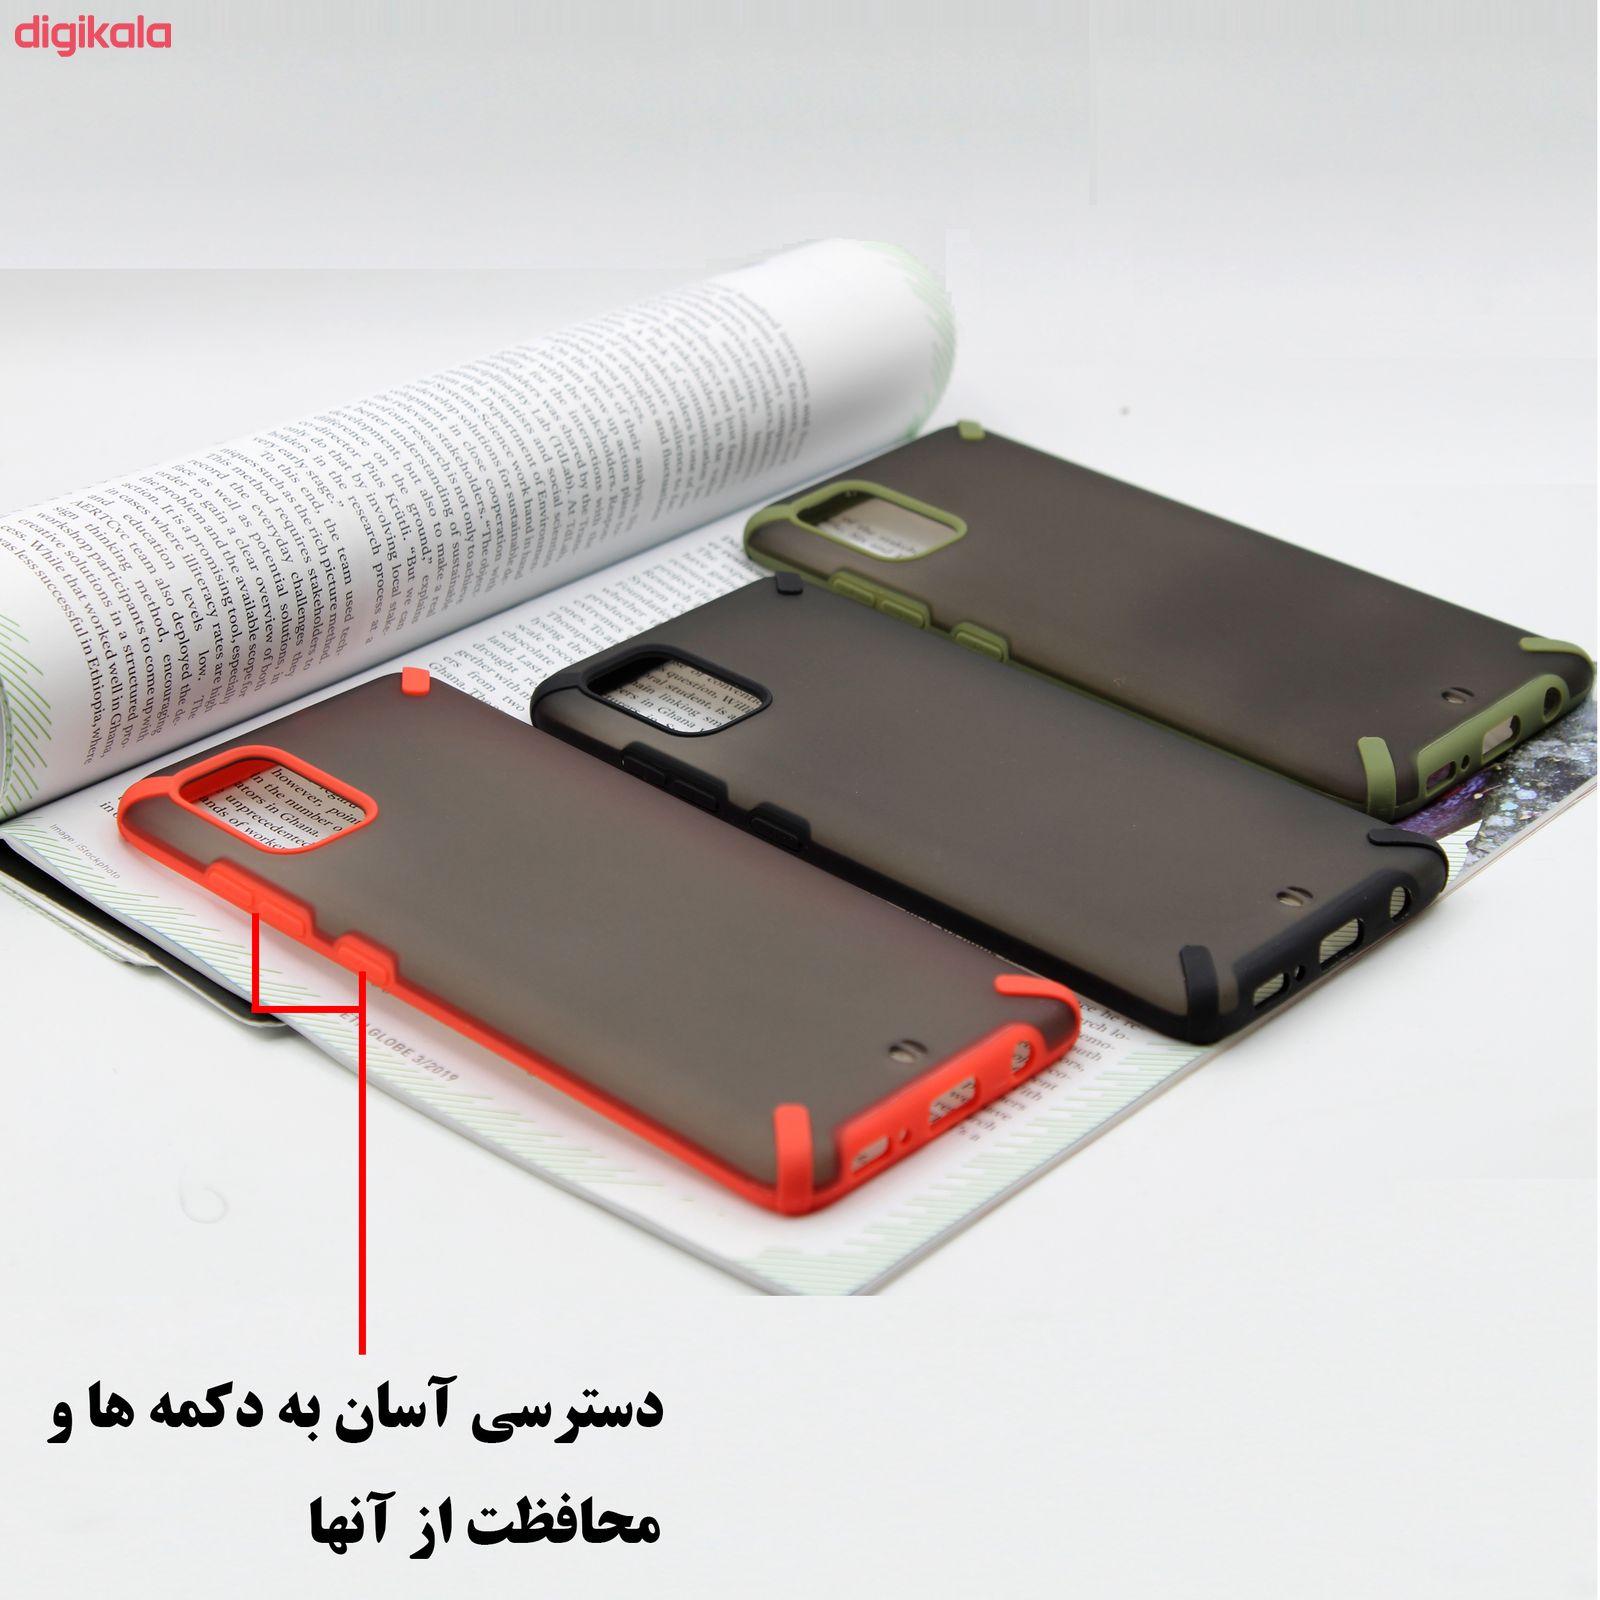 کاور کینگ پاور مدل A23 مناسب برای گوشی موبایل سامسونگ Galaxy A51